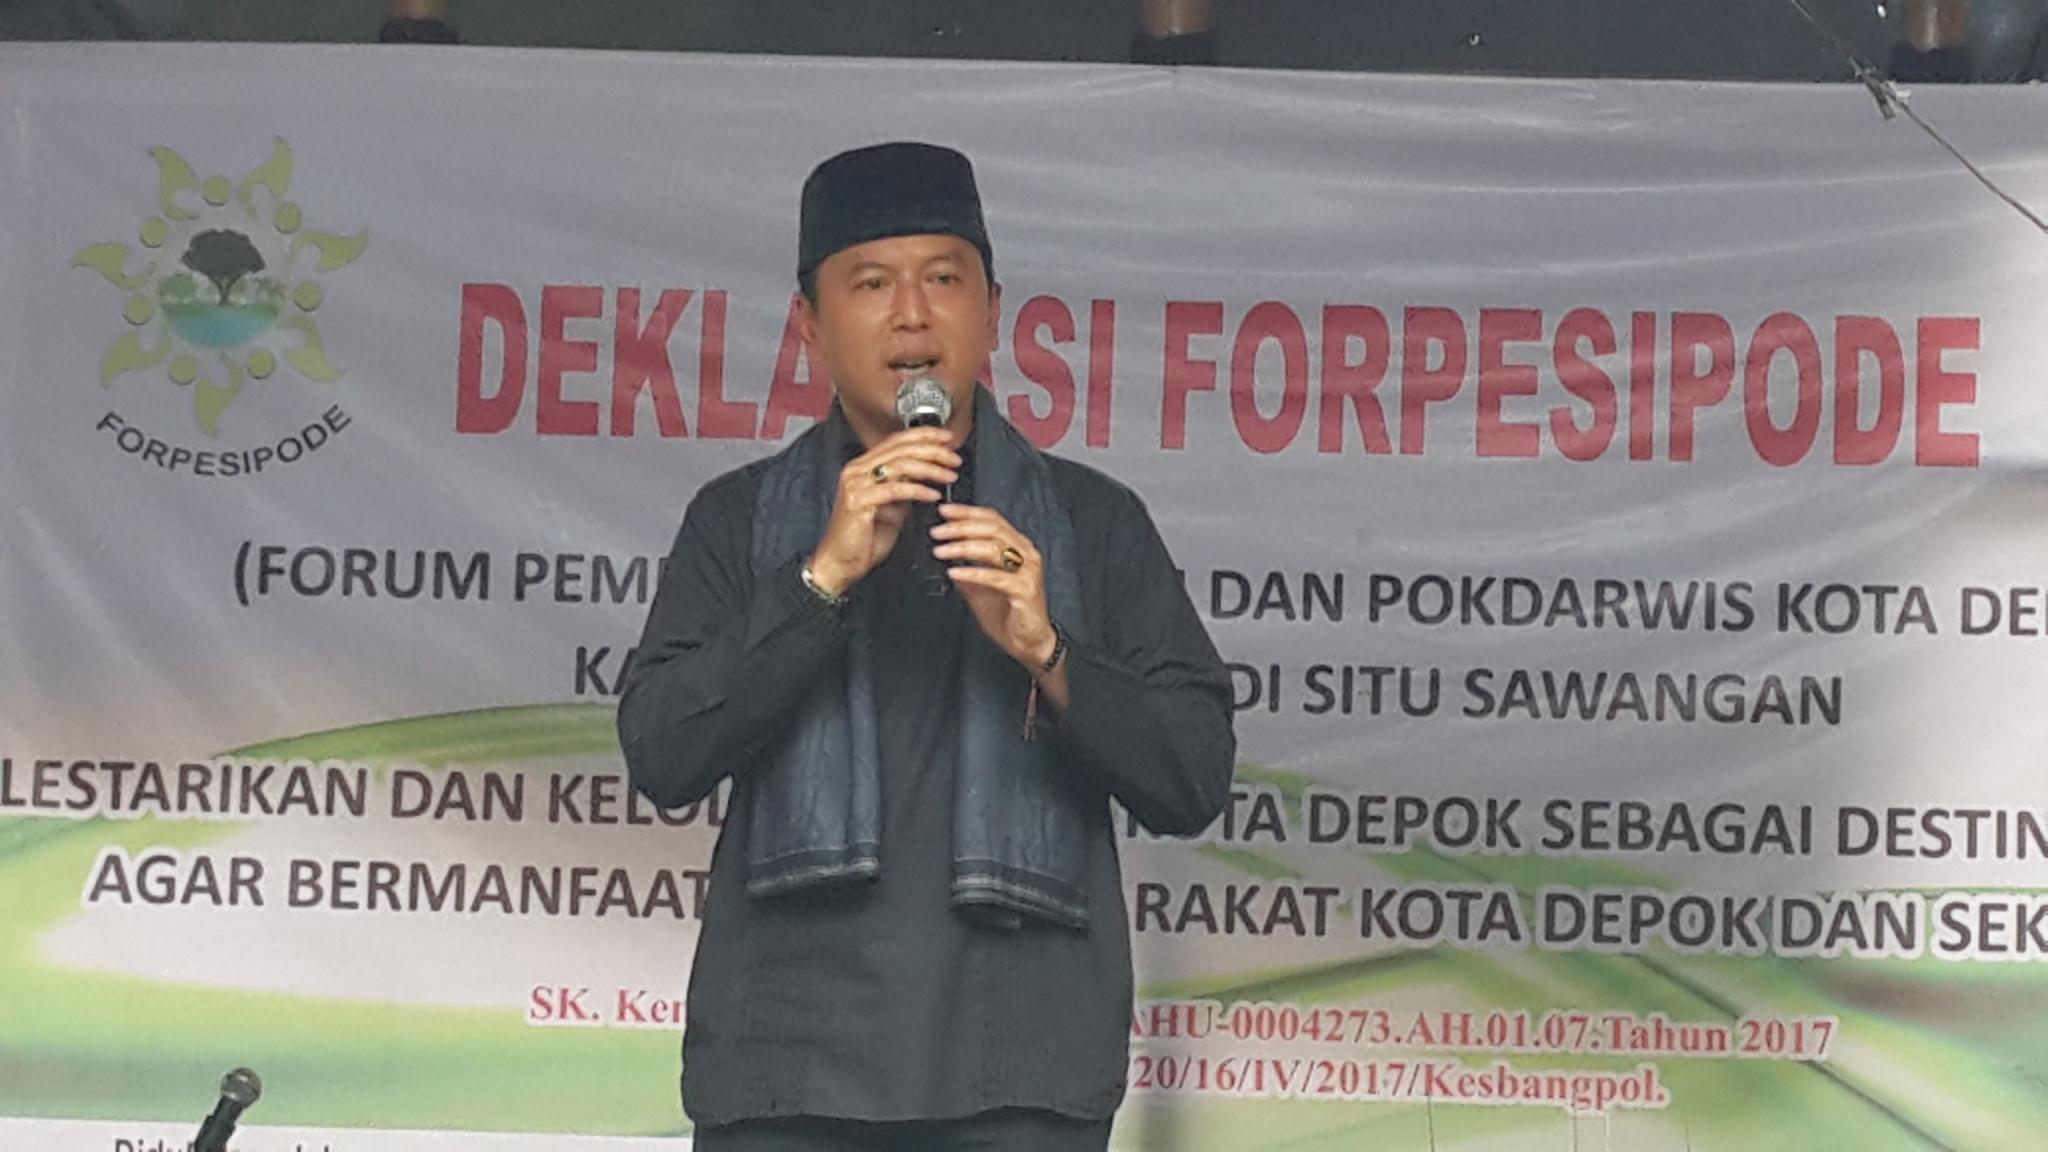 Kepala Kesbangpol Depok Dadang Wihana memberikan sambutan.